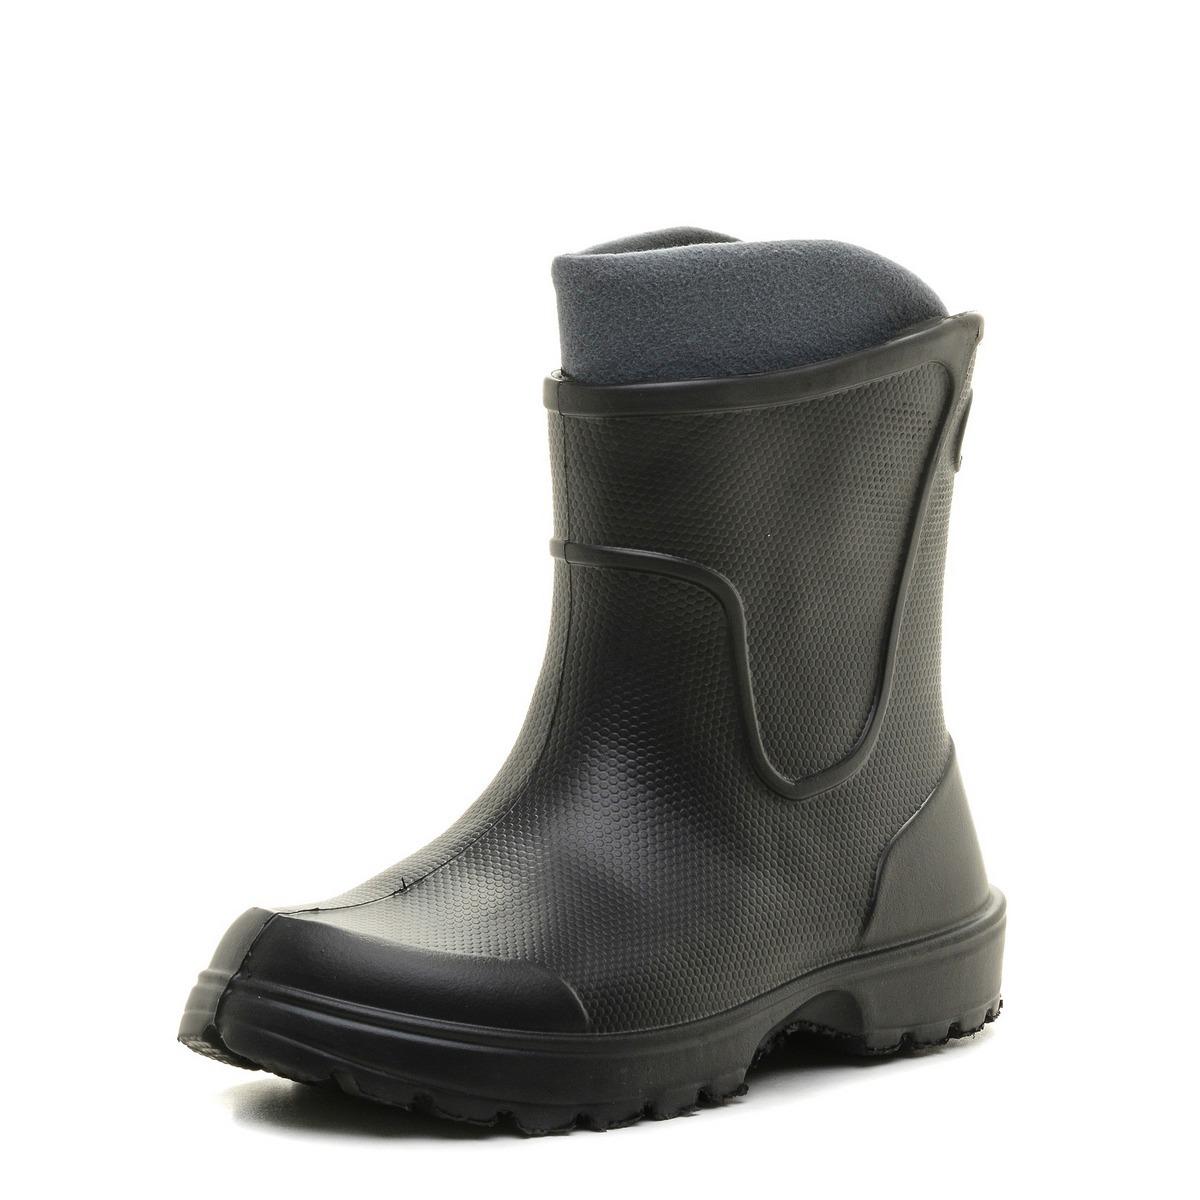 Ботинки БАРС ЭВА 969 У чёрные(-15С)